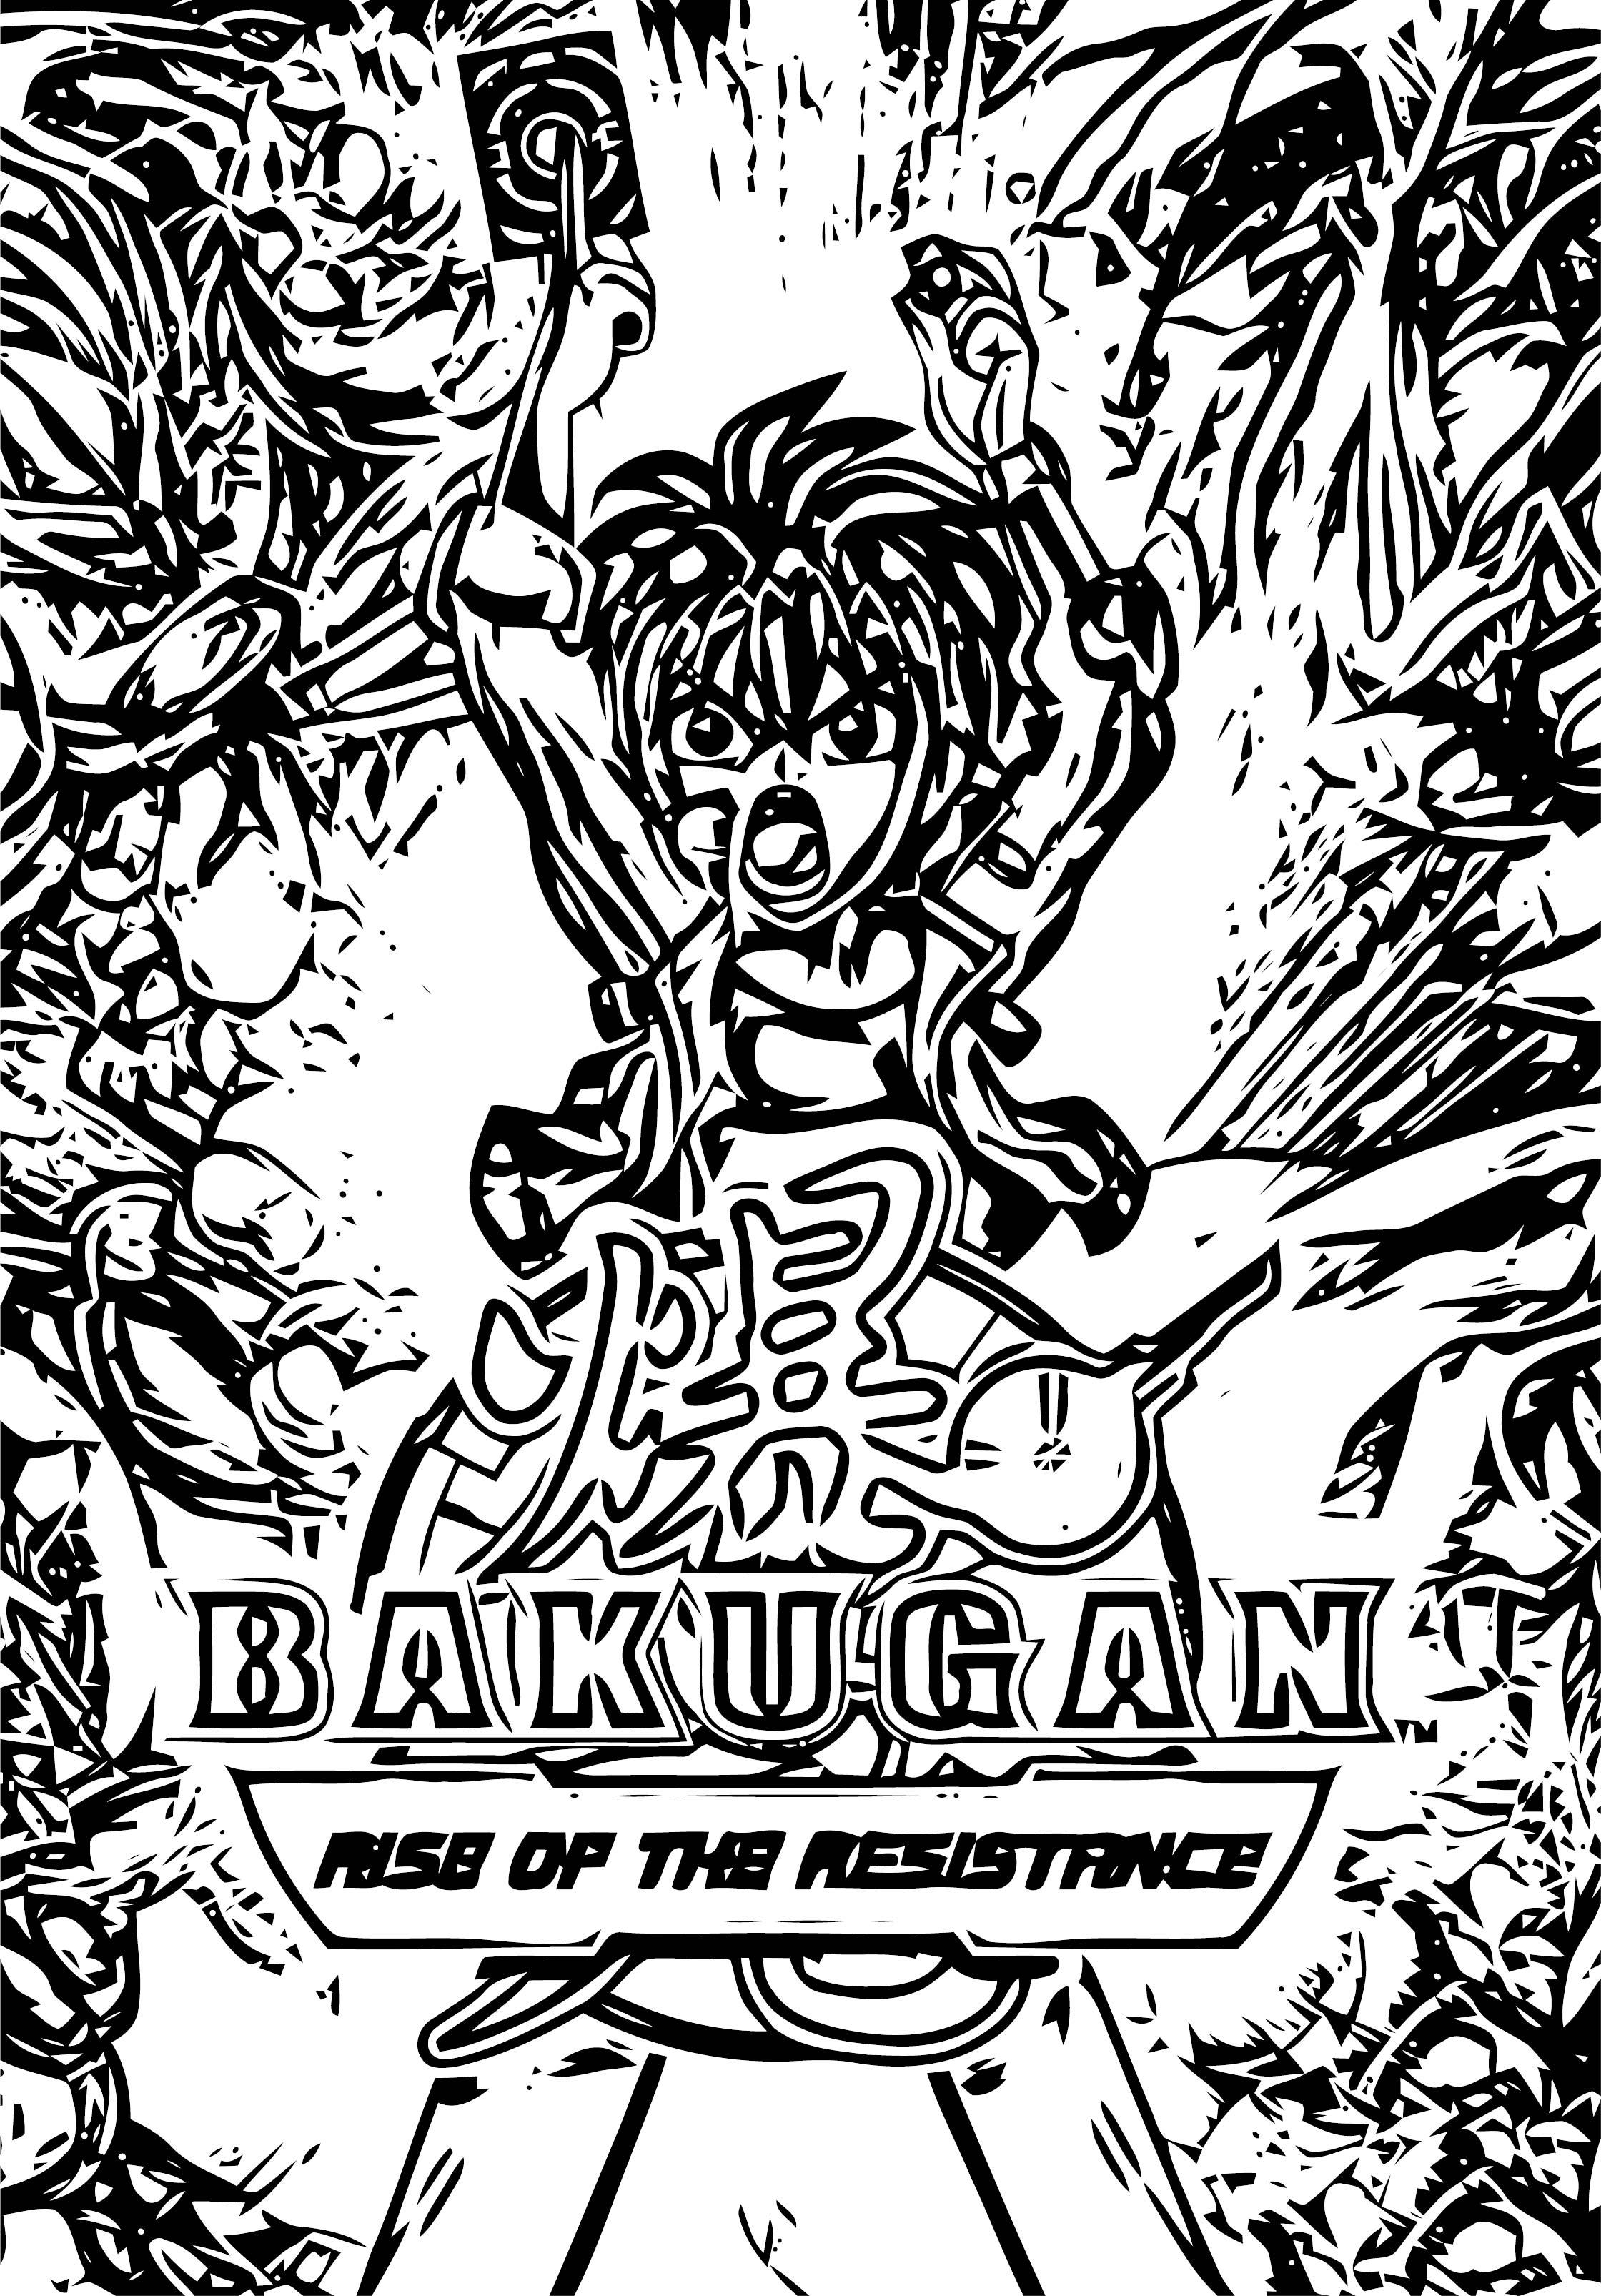 Bakugan Rotr Coloring Page